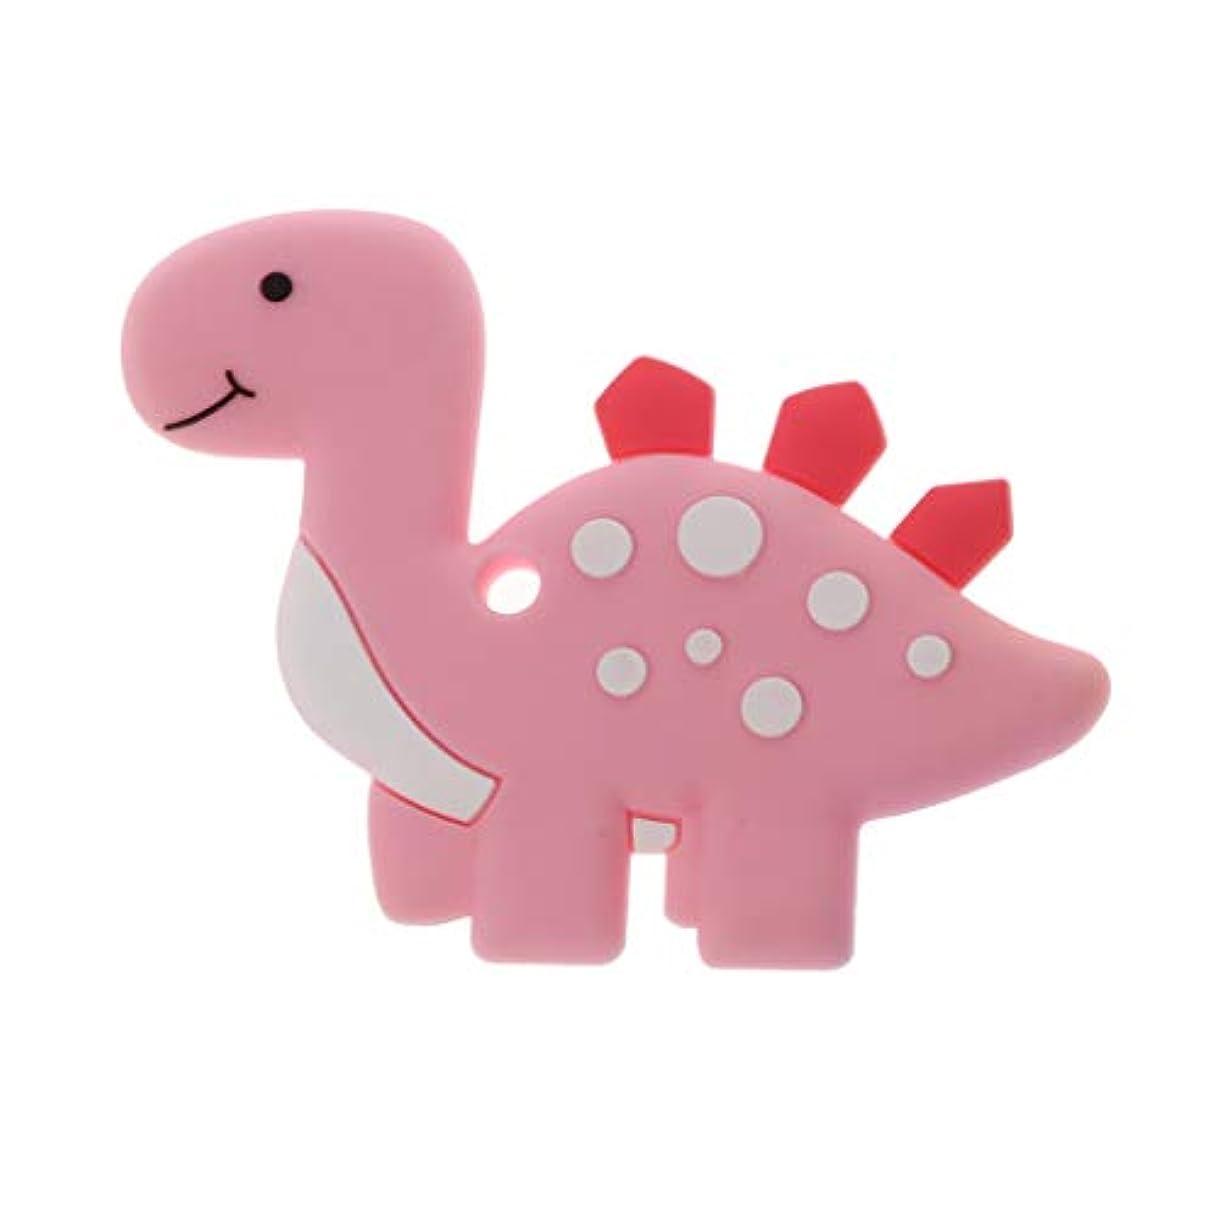 故意の柔らかい足偶然のLanddumシリコーンおしゃぶり恐竜おしゃべり赤ちゃん看護玩具かむ玩具歯が生えるガラガラおもちゃ - ロイヤルブルー